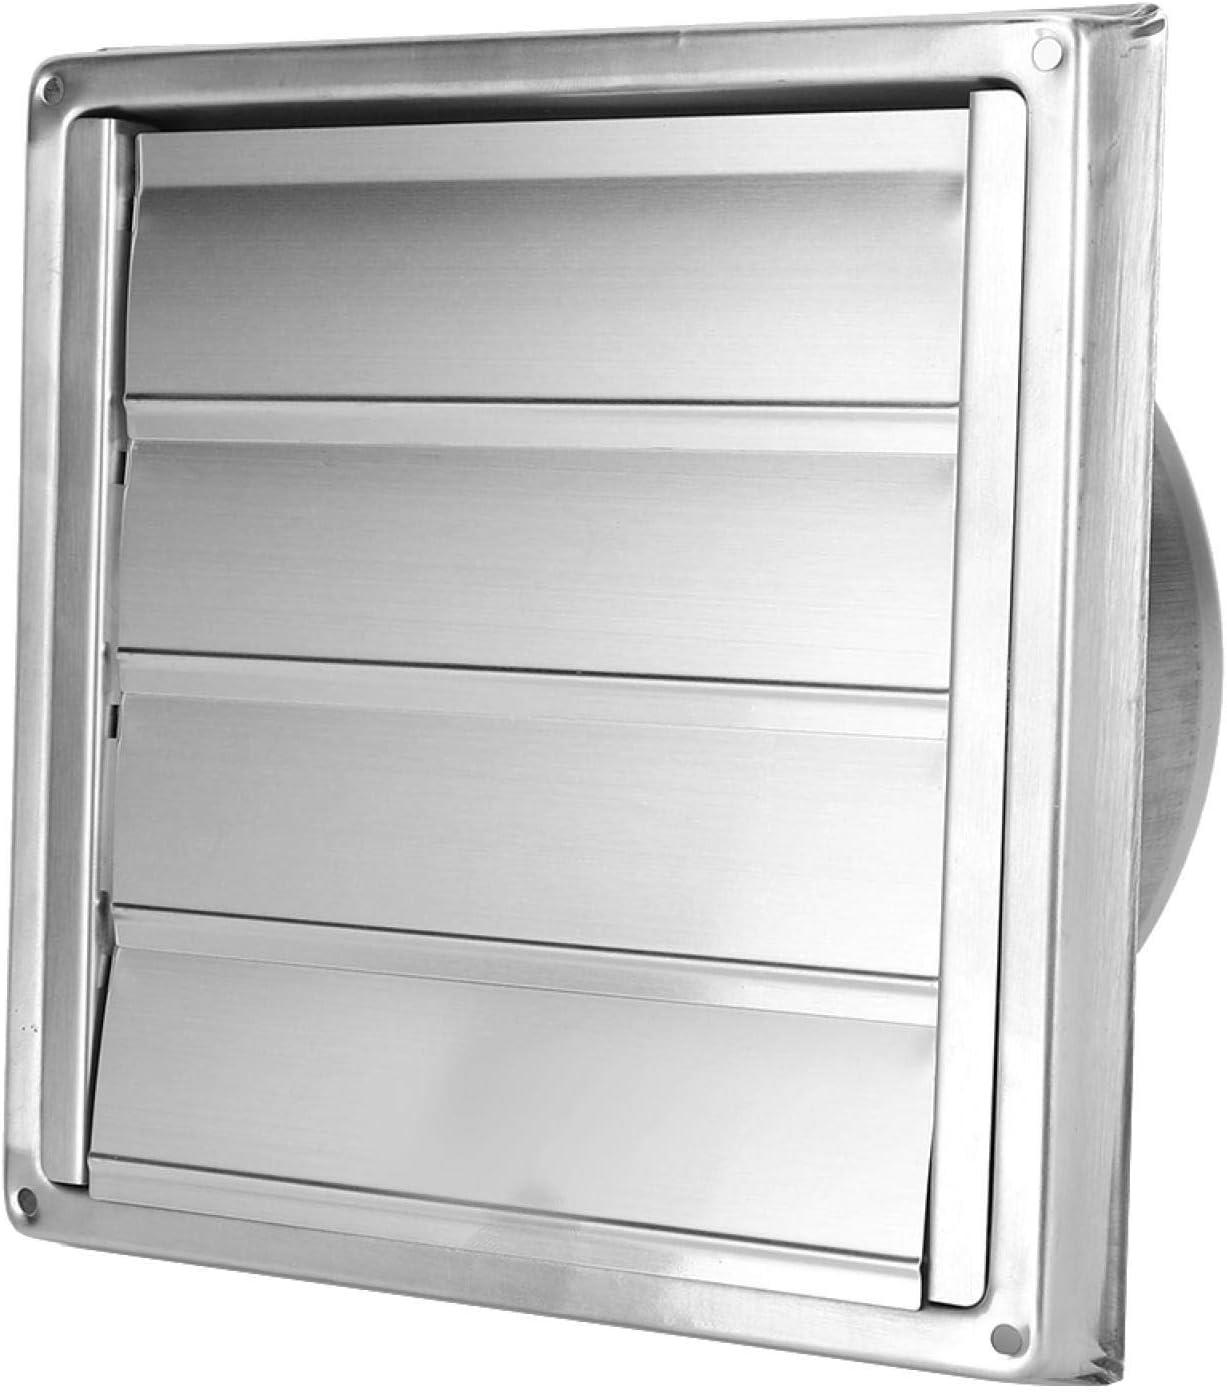 Freyla Extractor Cuadrado-Conducto de ventilación de Acero Inoxidable Parrilla Extractor de Salida de Aire Cuadrado Cubierta de ventilación